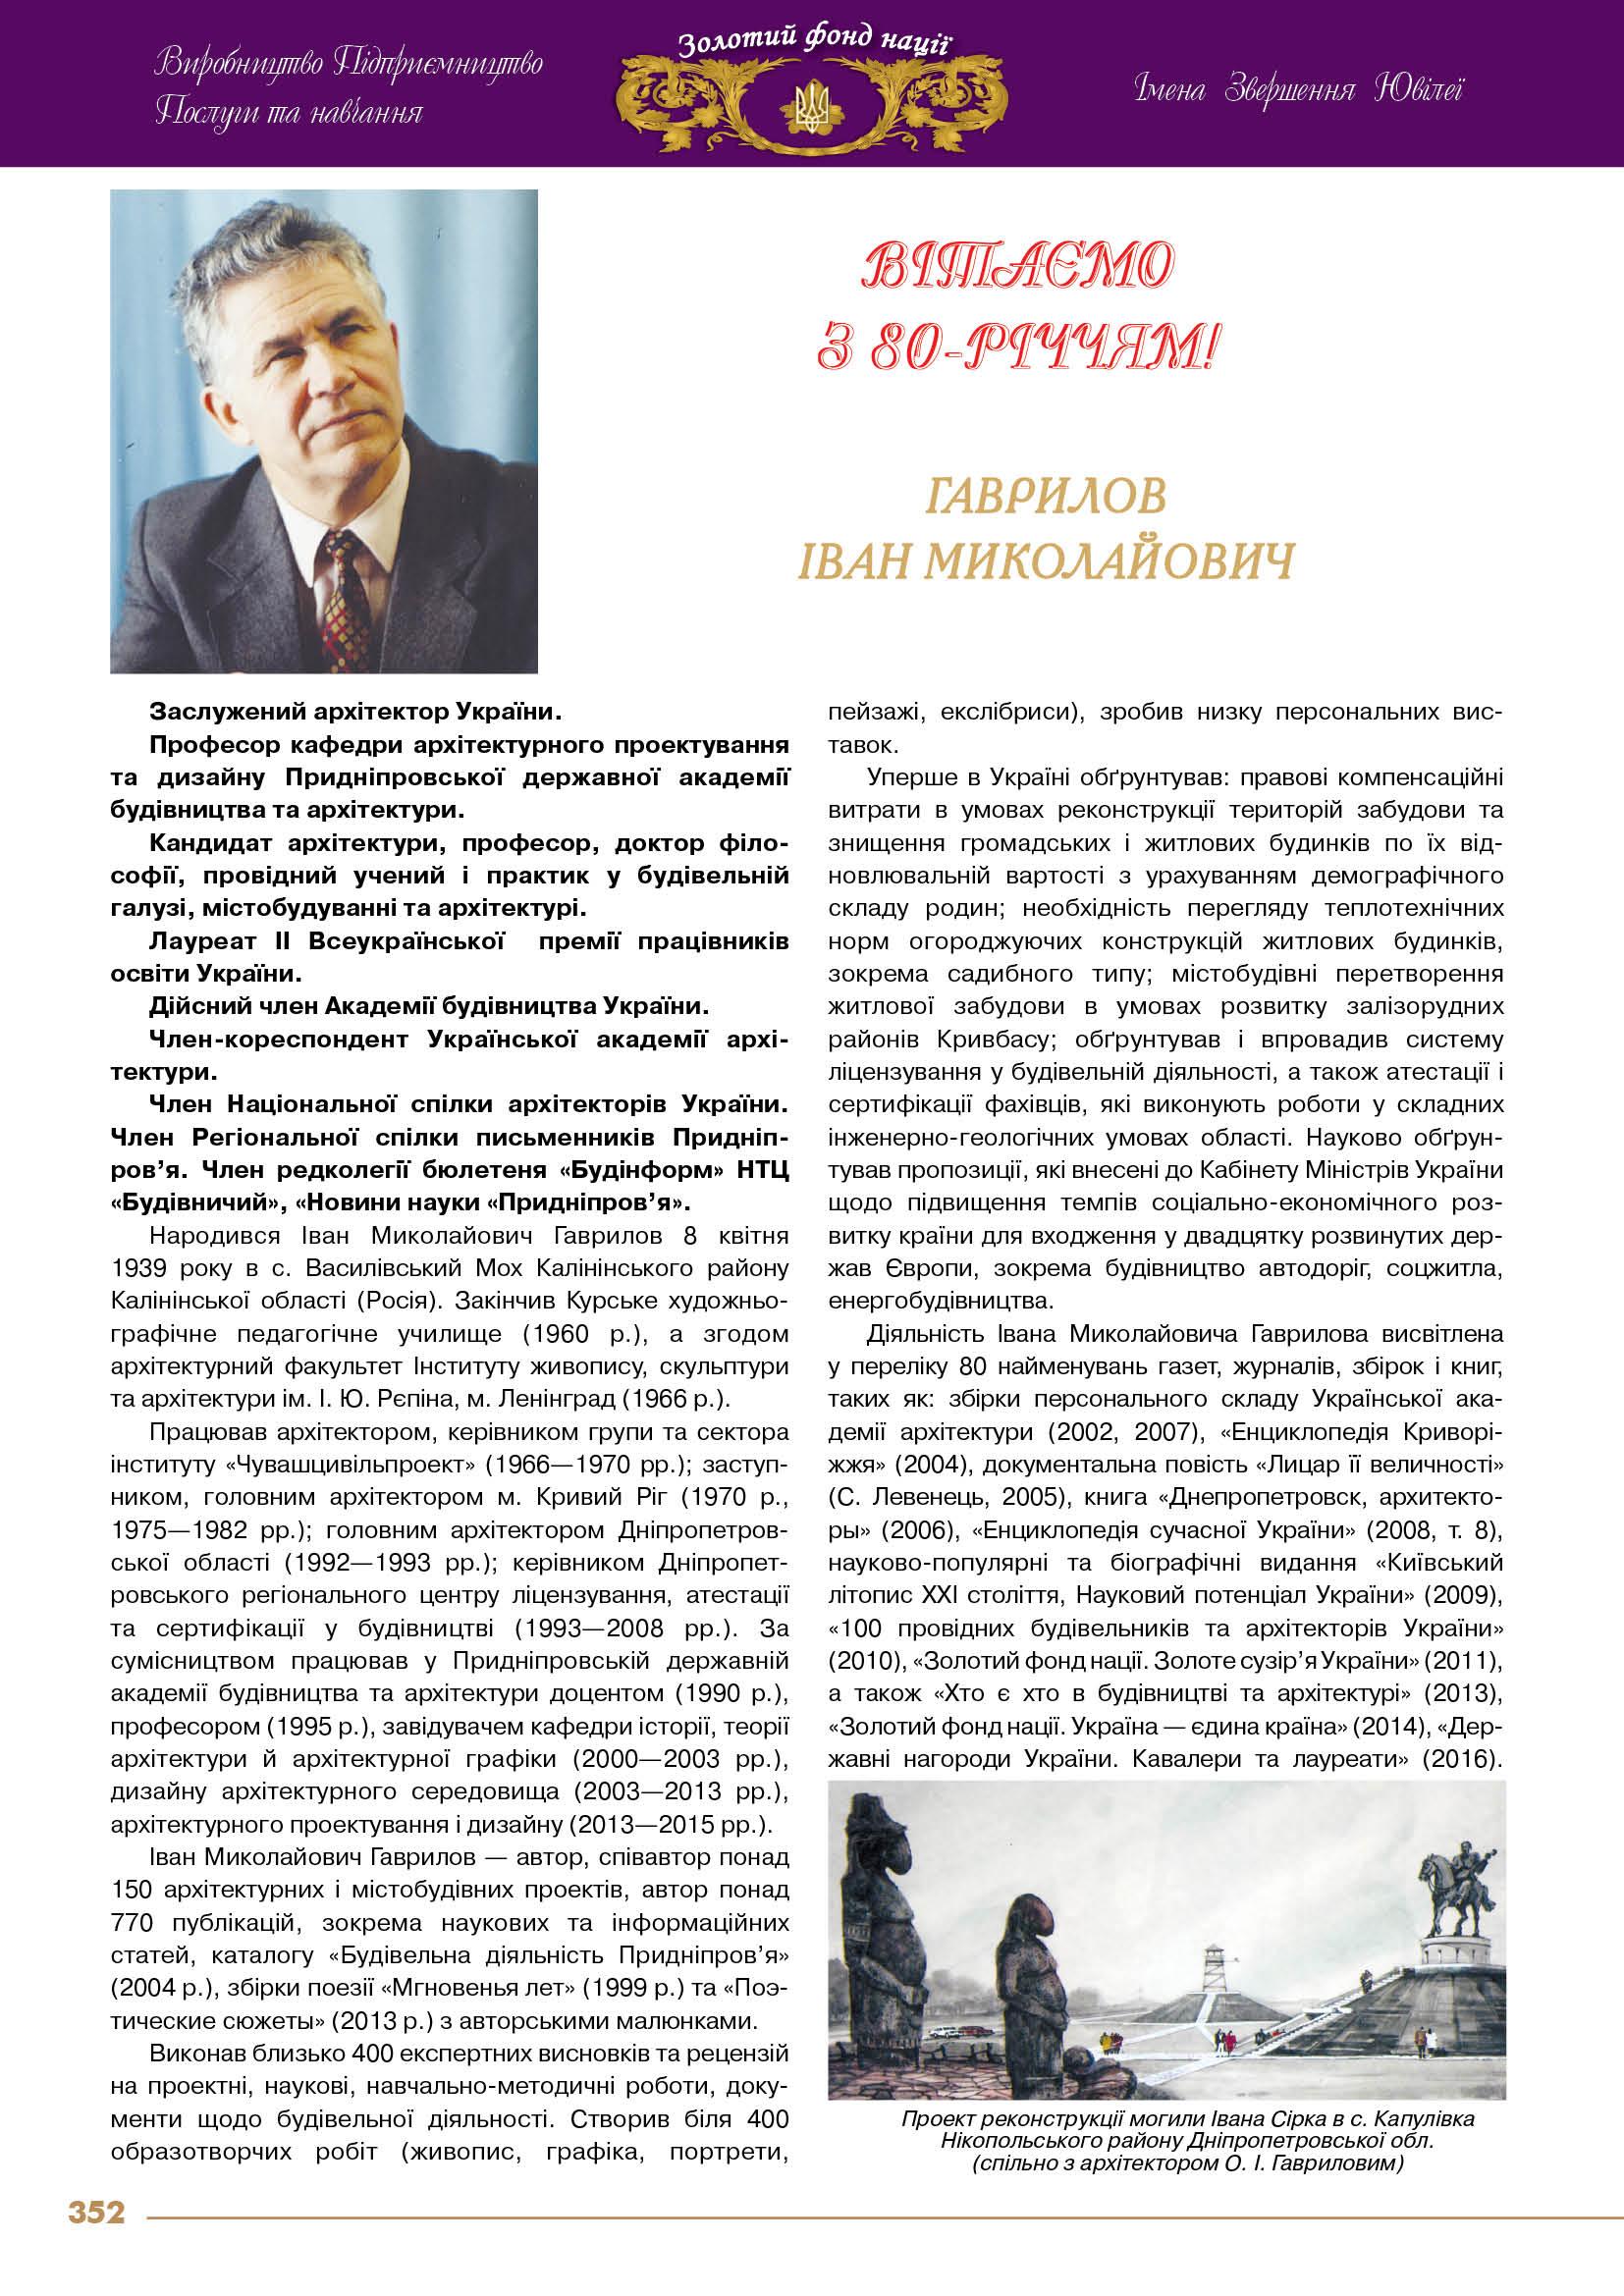 Гаврилов Іван Миколайович